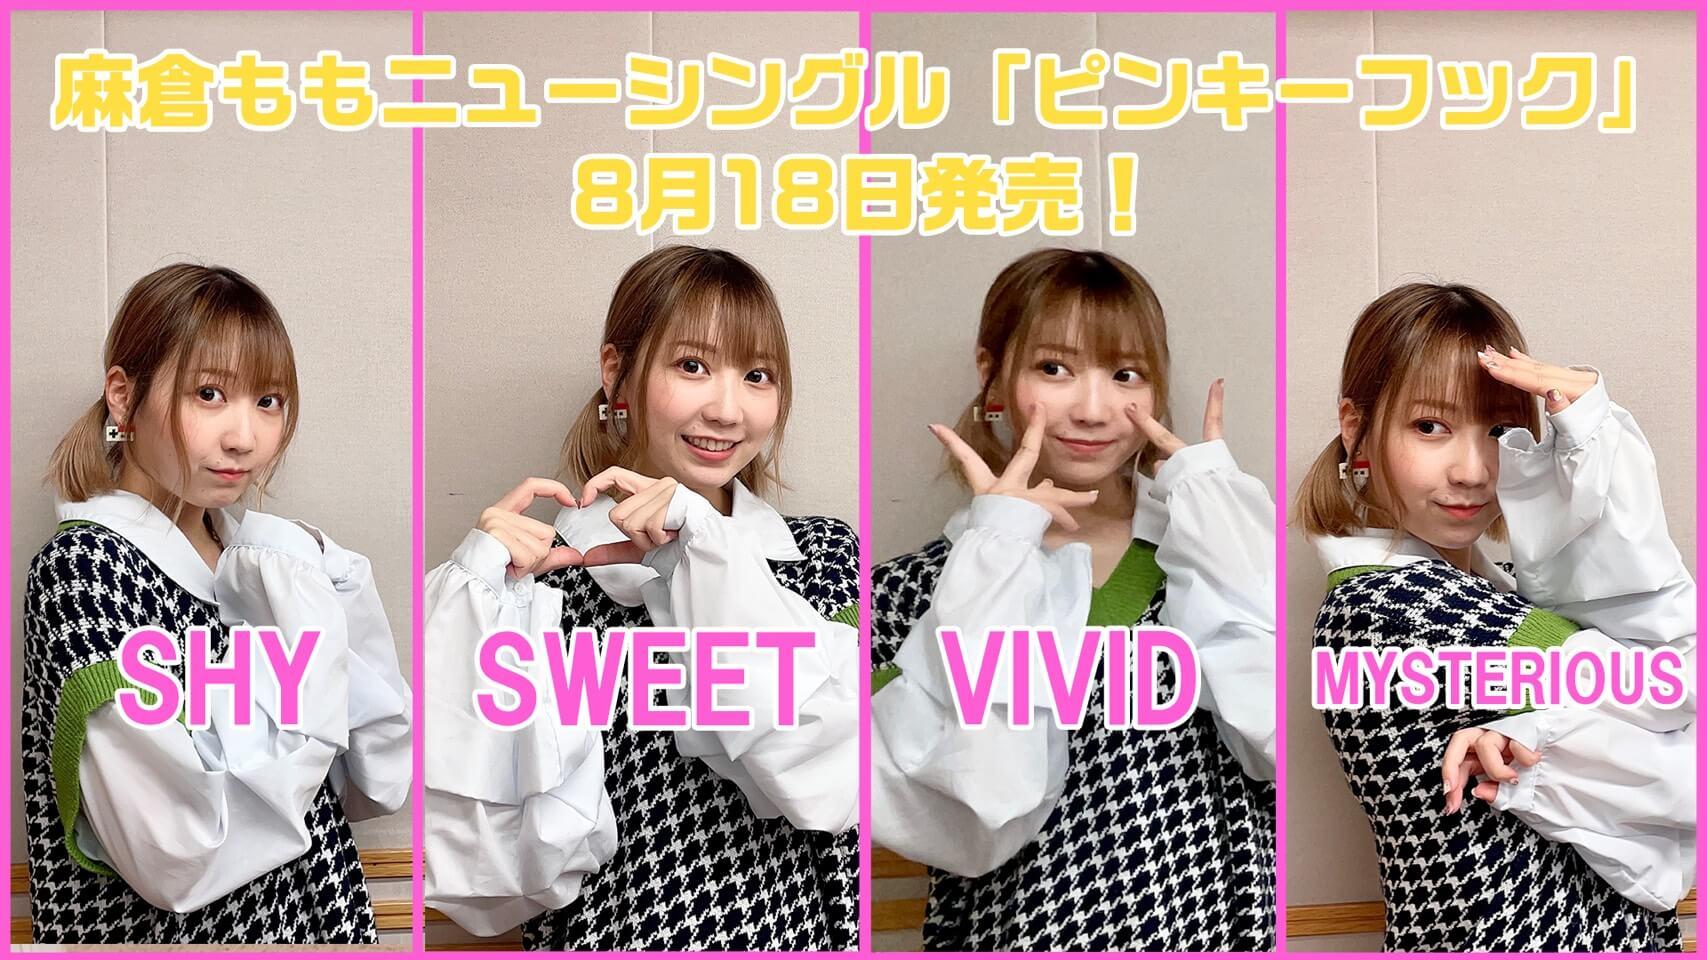 麻倉ももニューシングル「ピンキーフック」8月18日発売!